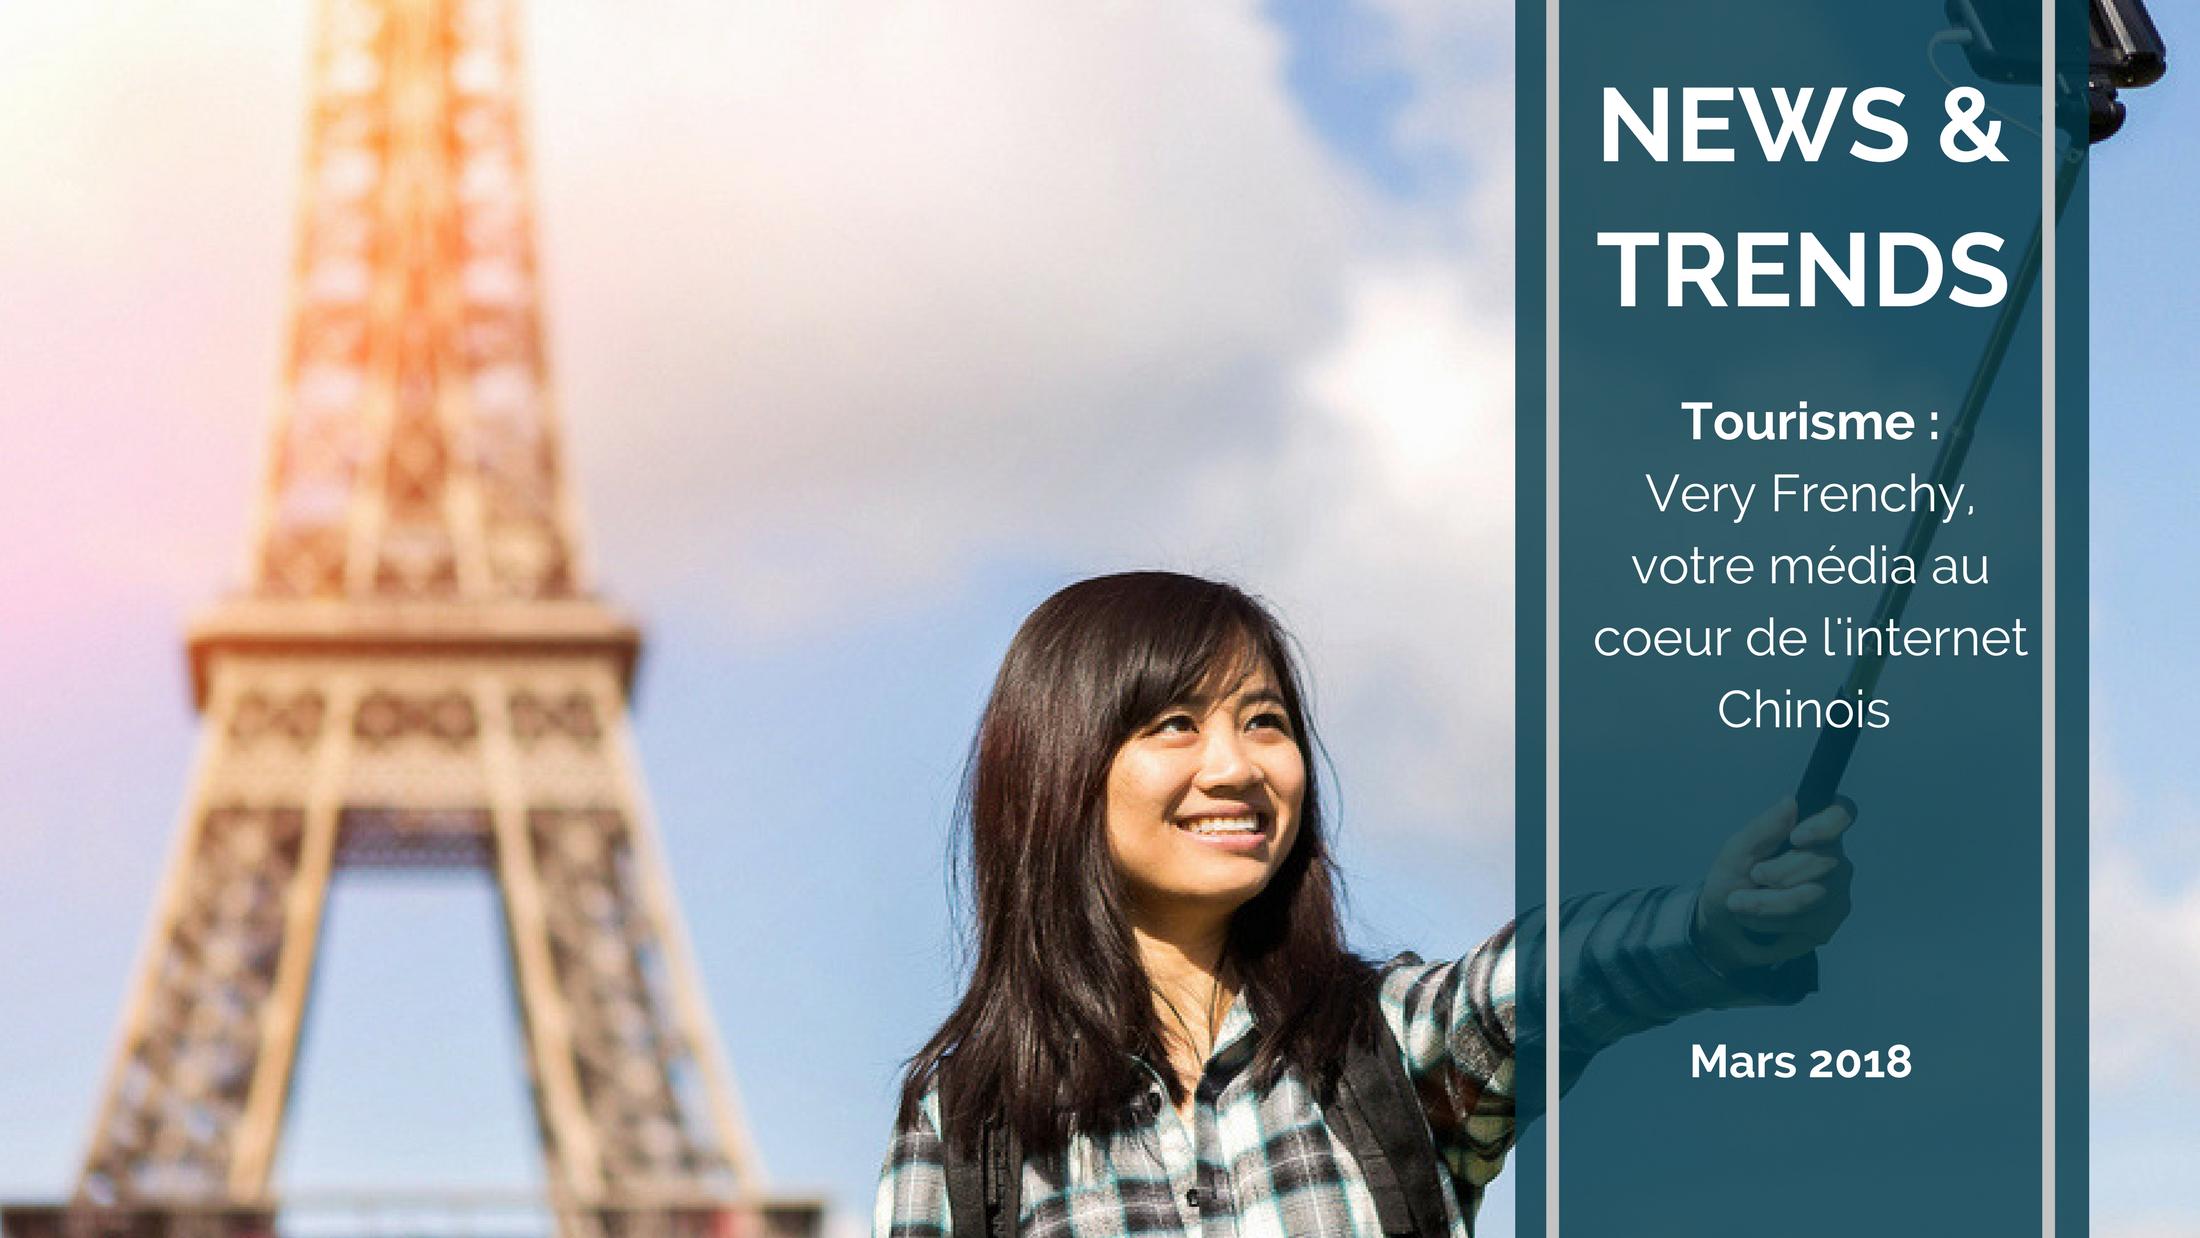 Trends News suite - Very Frenchy : votre média au coeur de l'internet Chinois